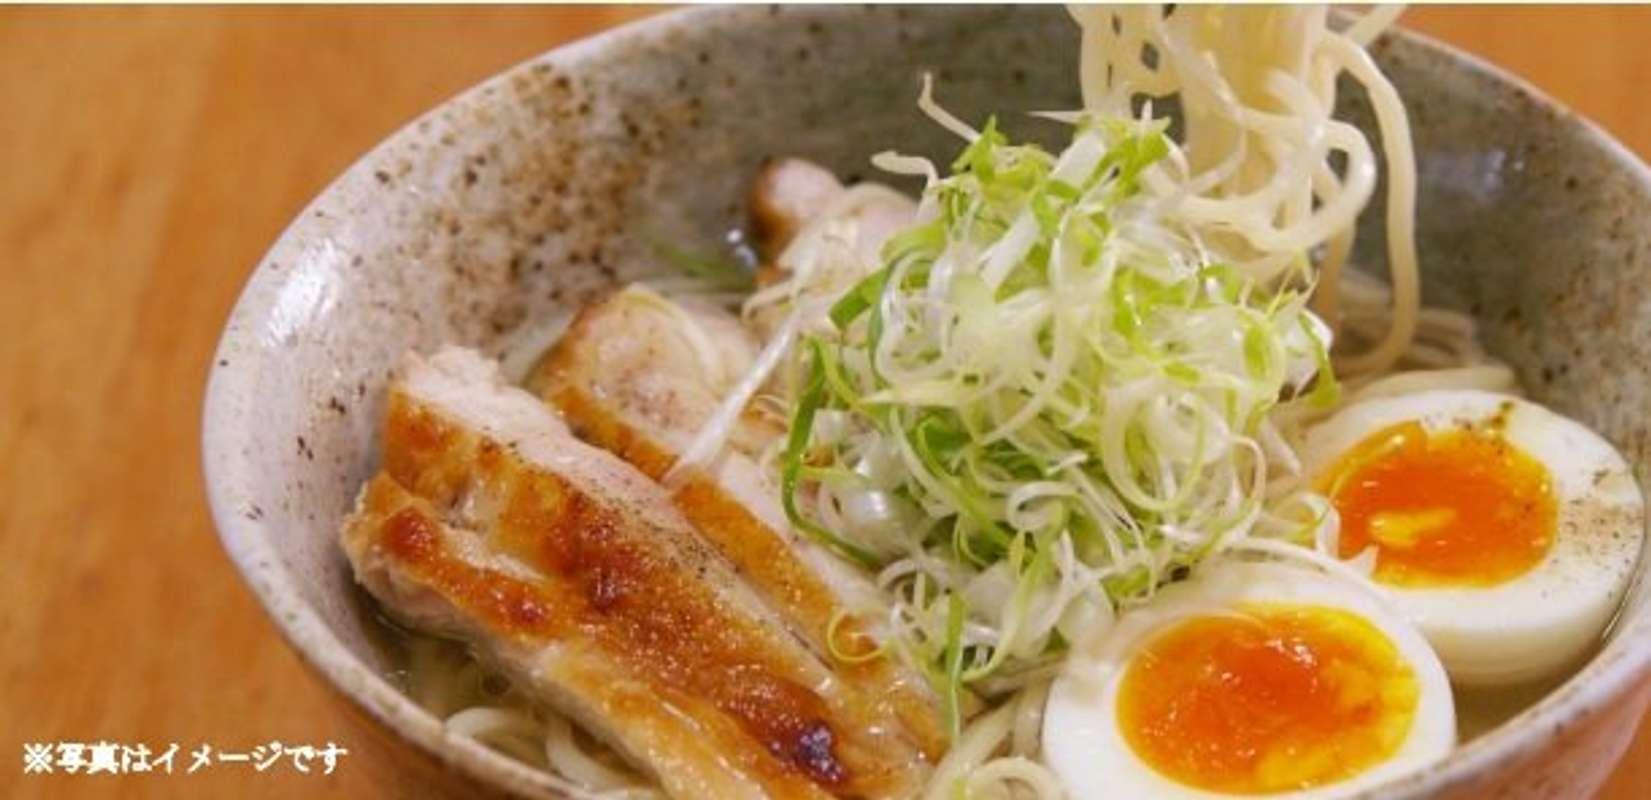 博多駅ホームに「高級立ち食いラーメン店」誕生 一流料理人が、こだわりの「九州食材」使います